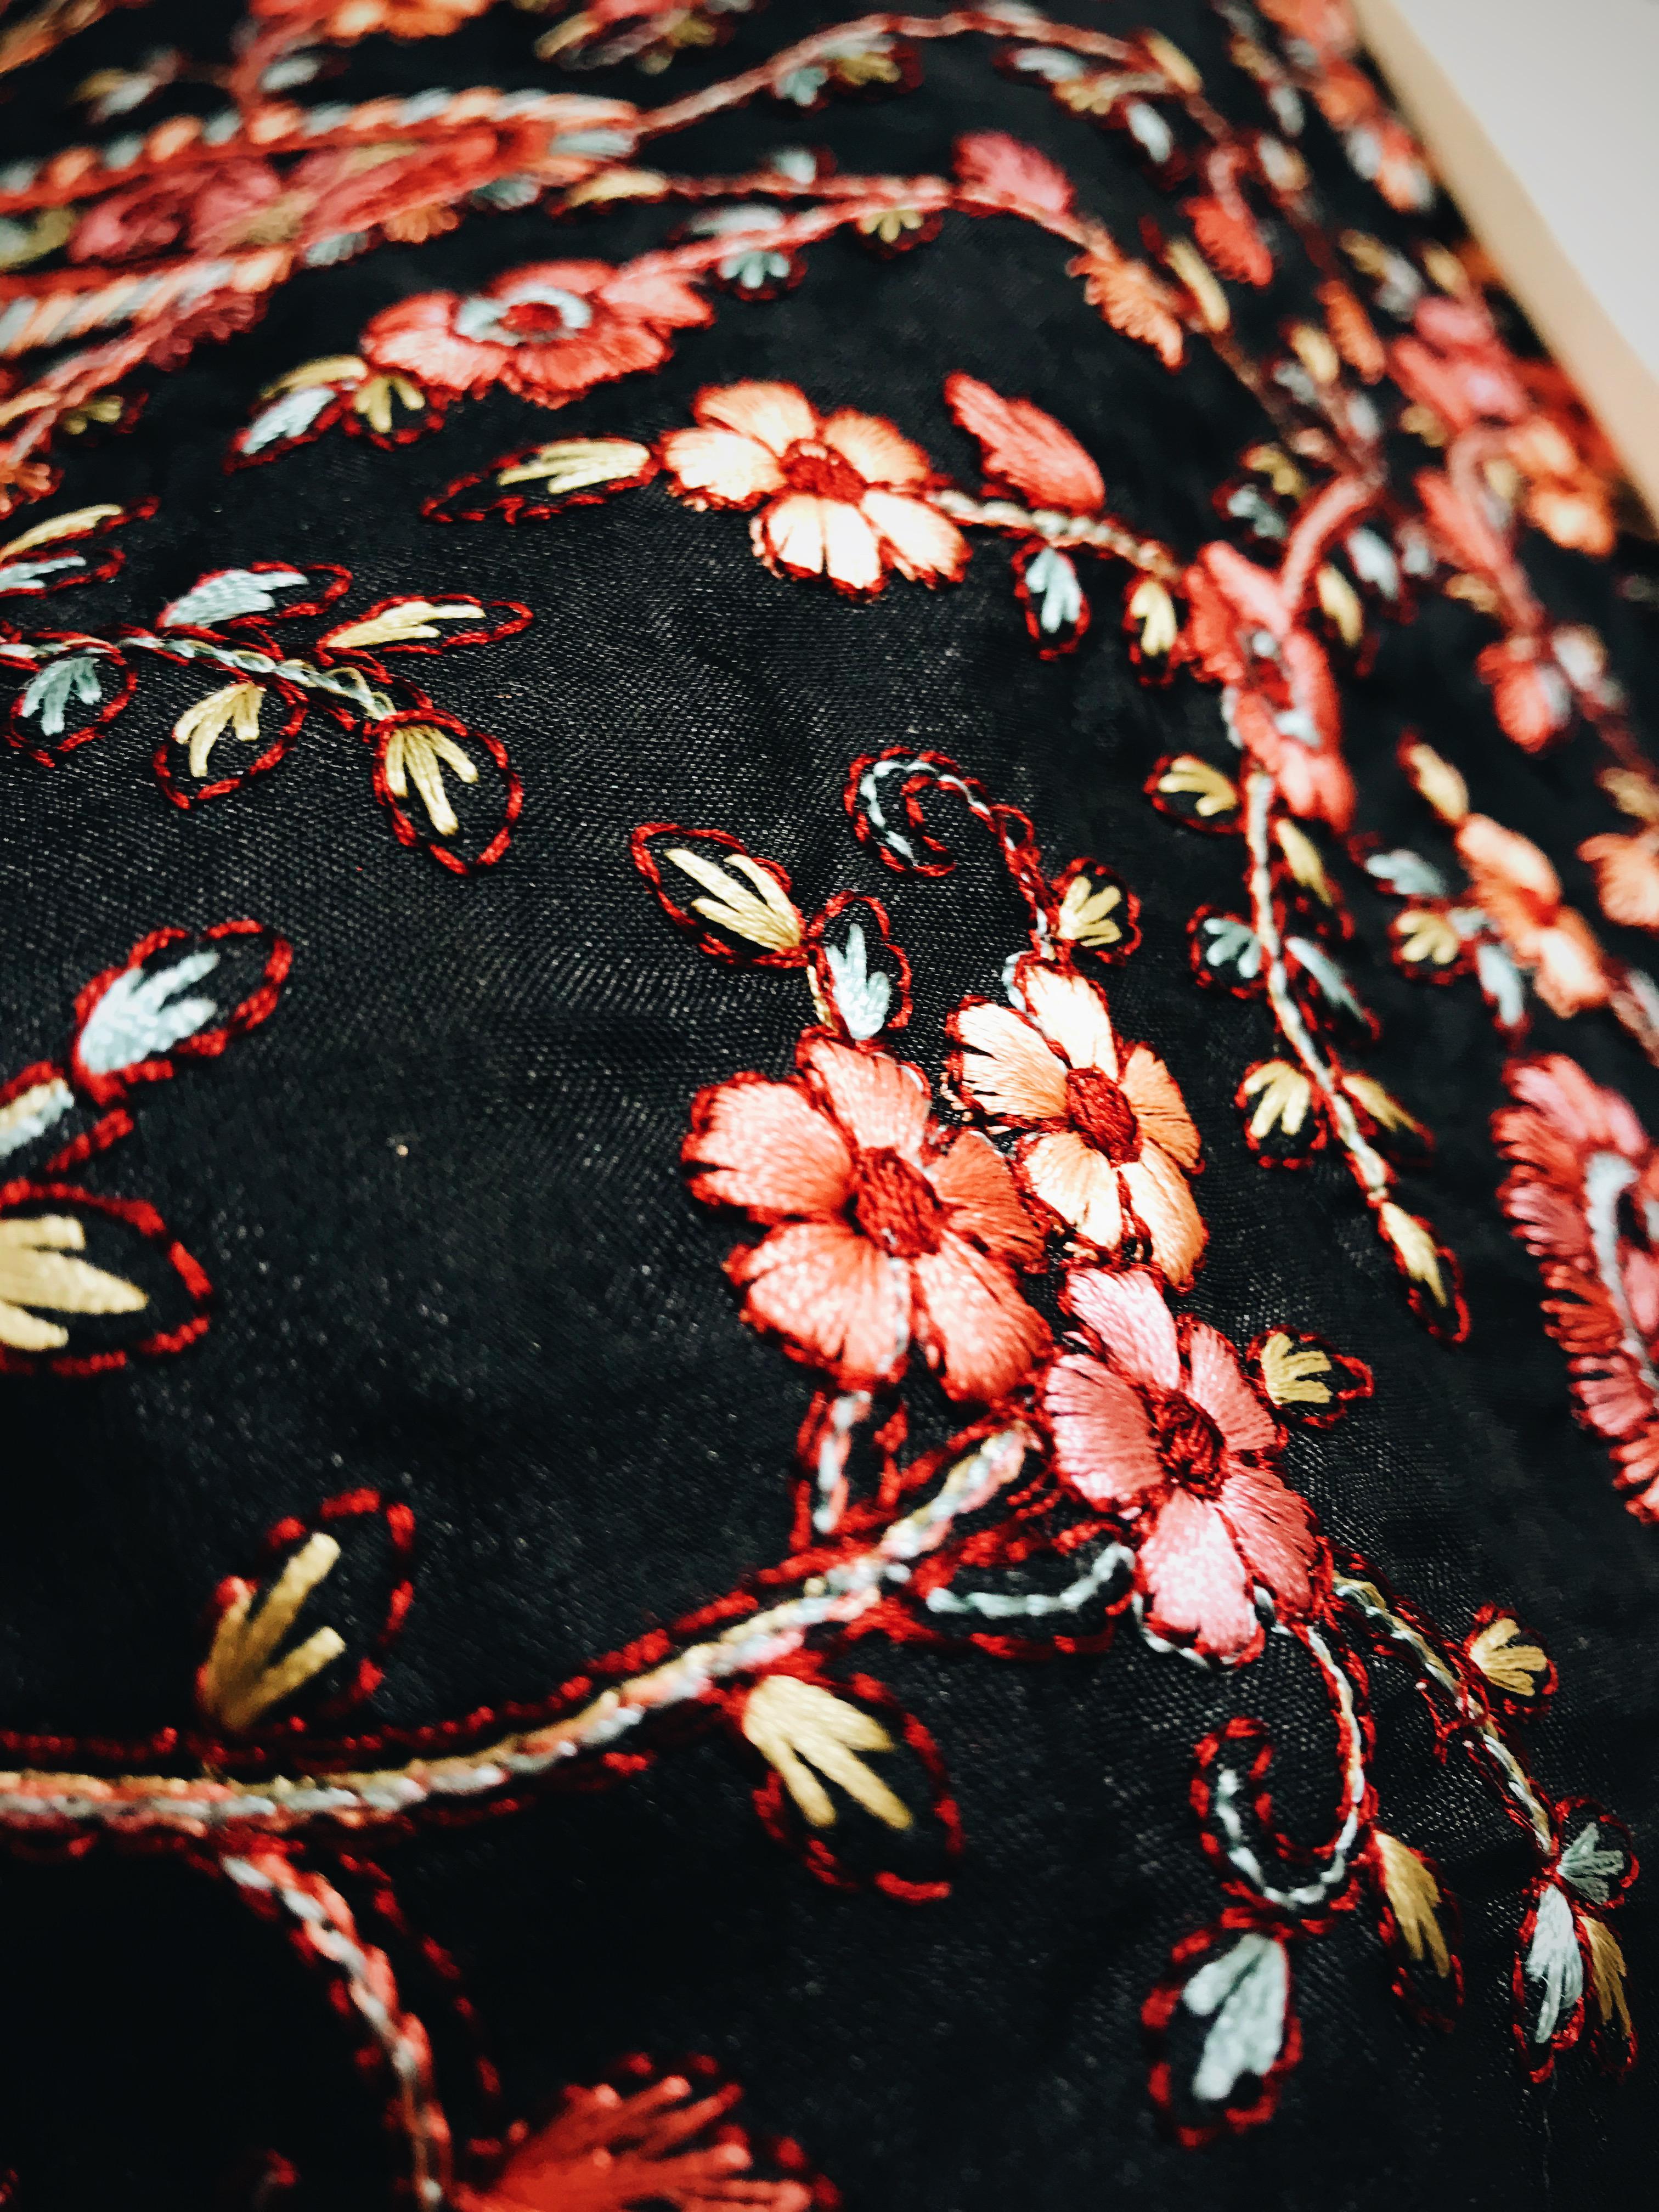 Cận cảnh bông hoa trên thớ vải